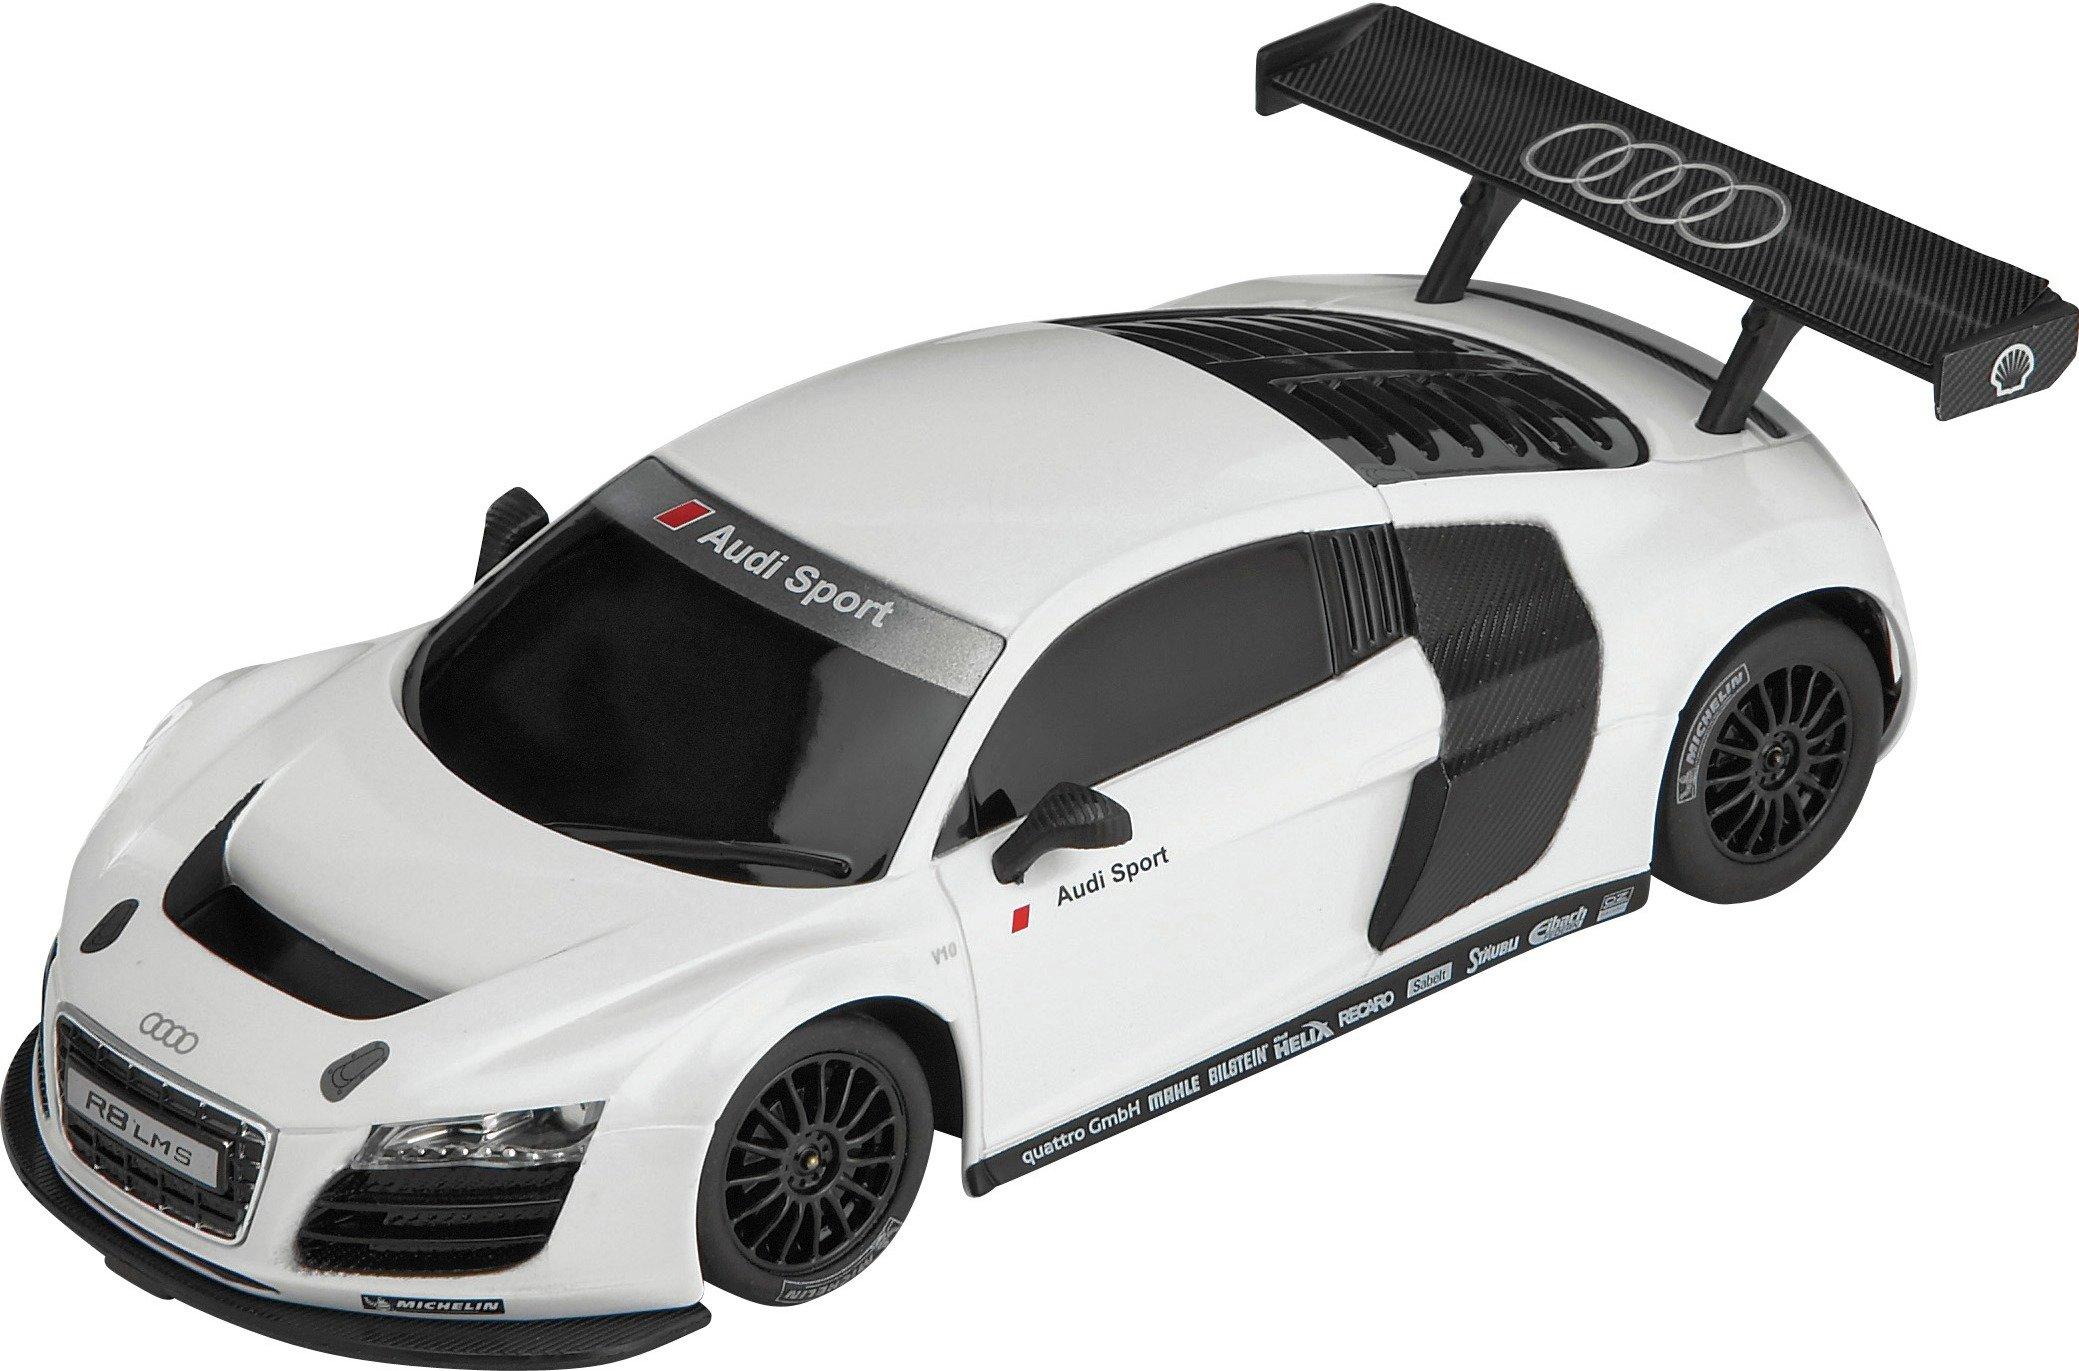 Audi R8 Radio Controlled Car